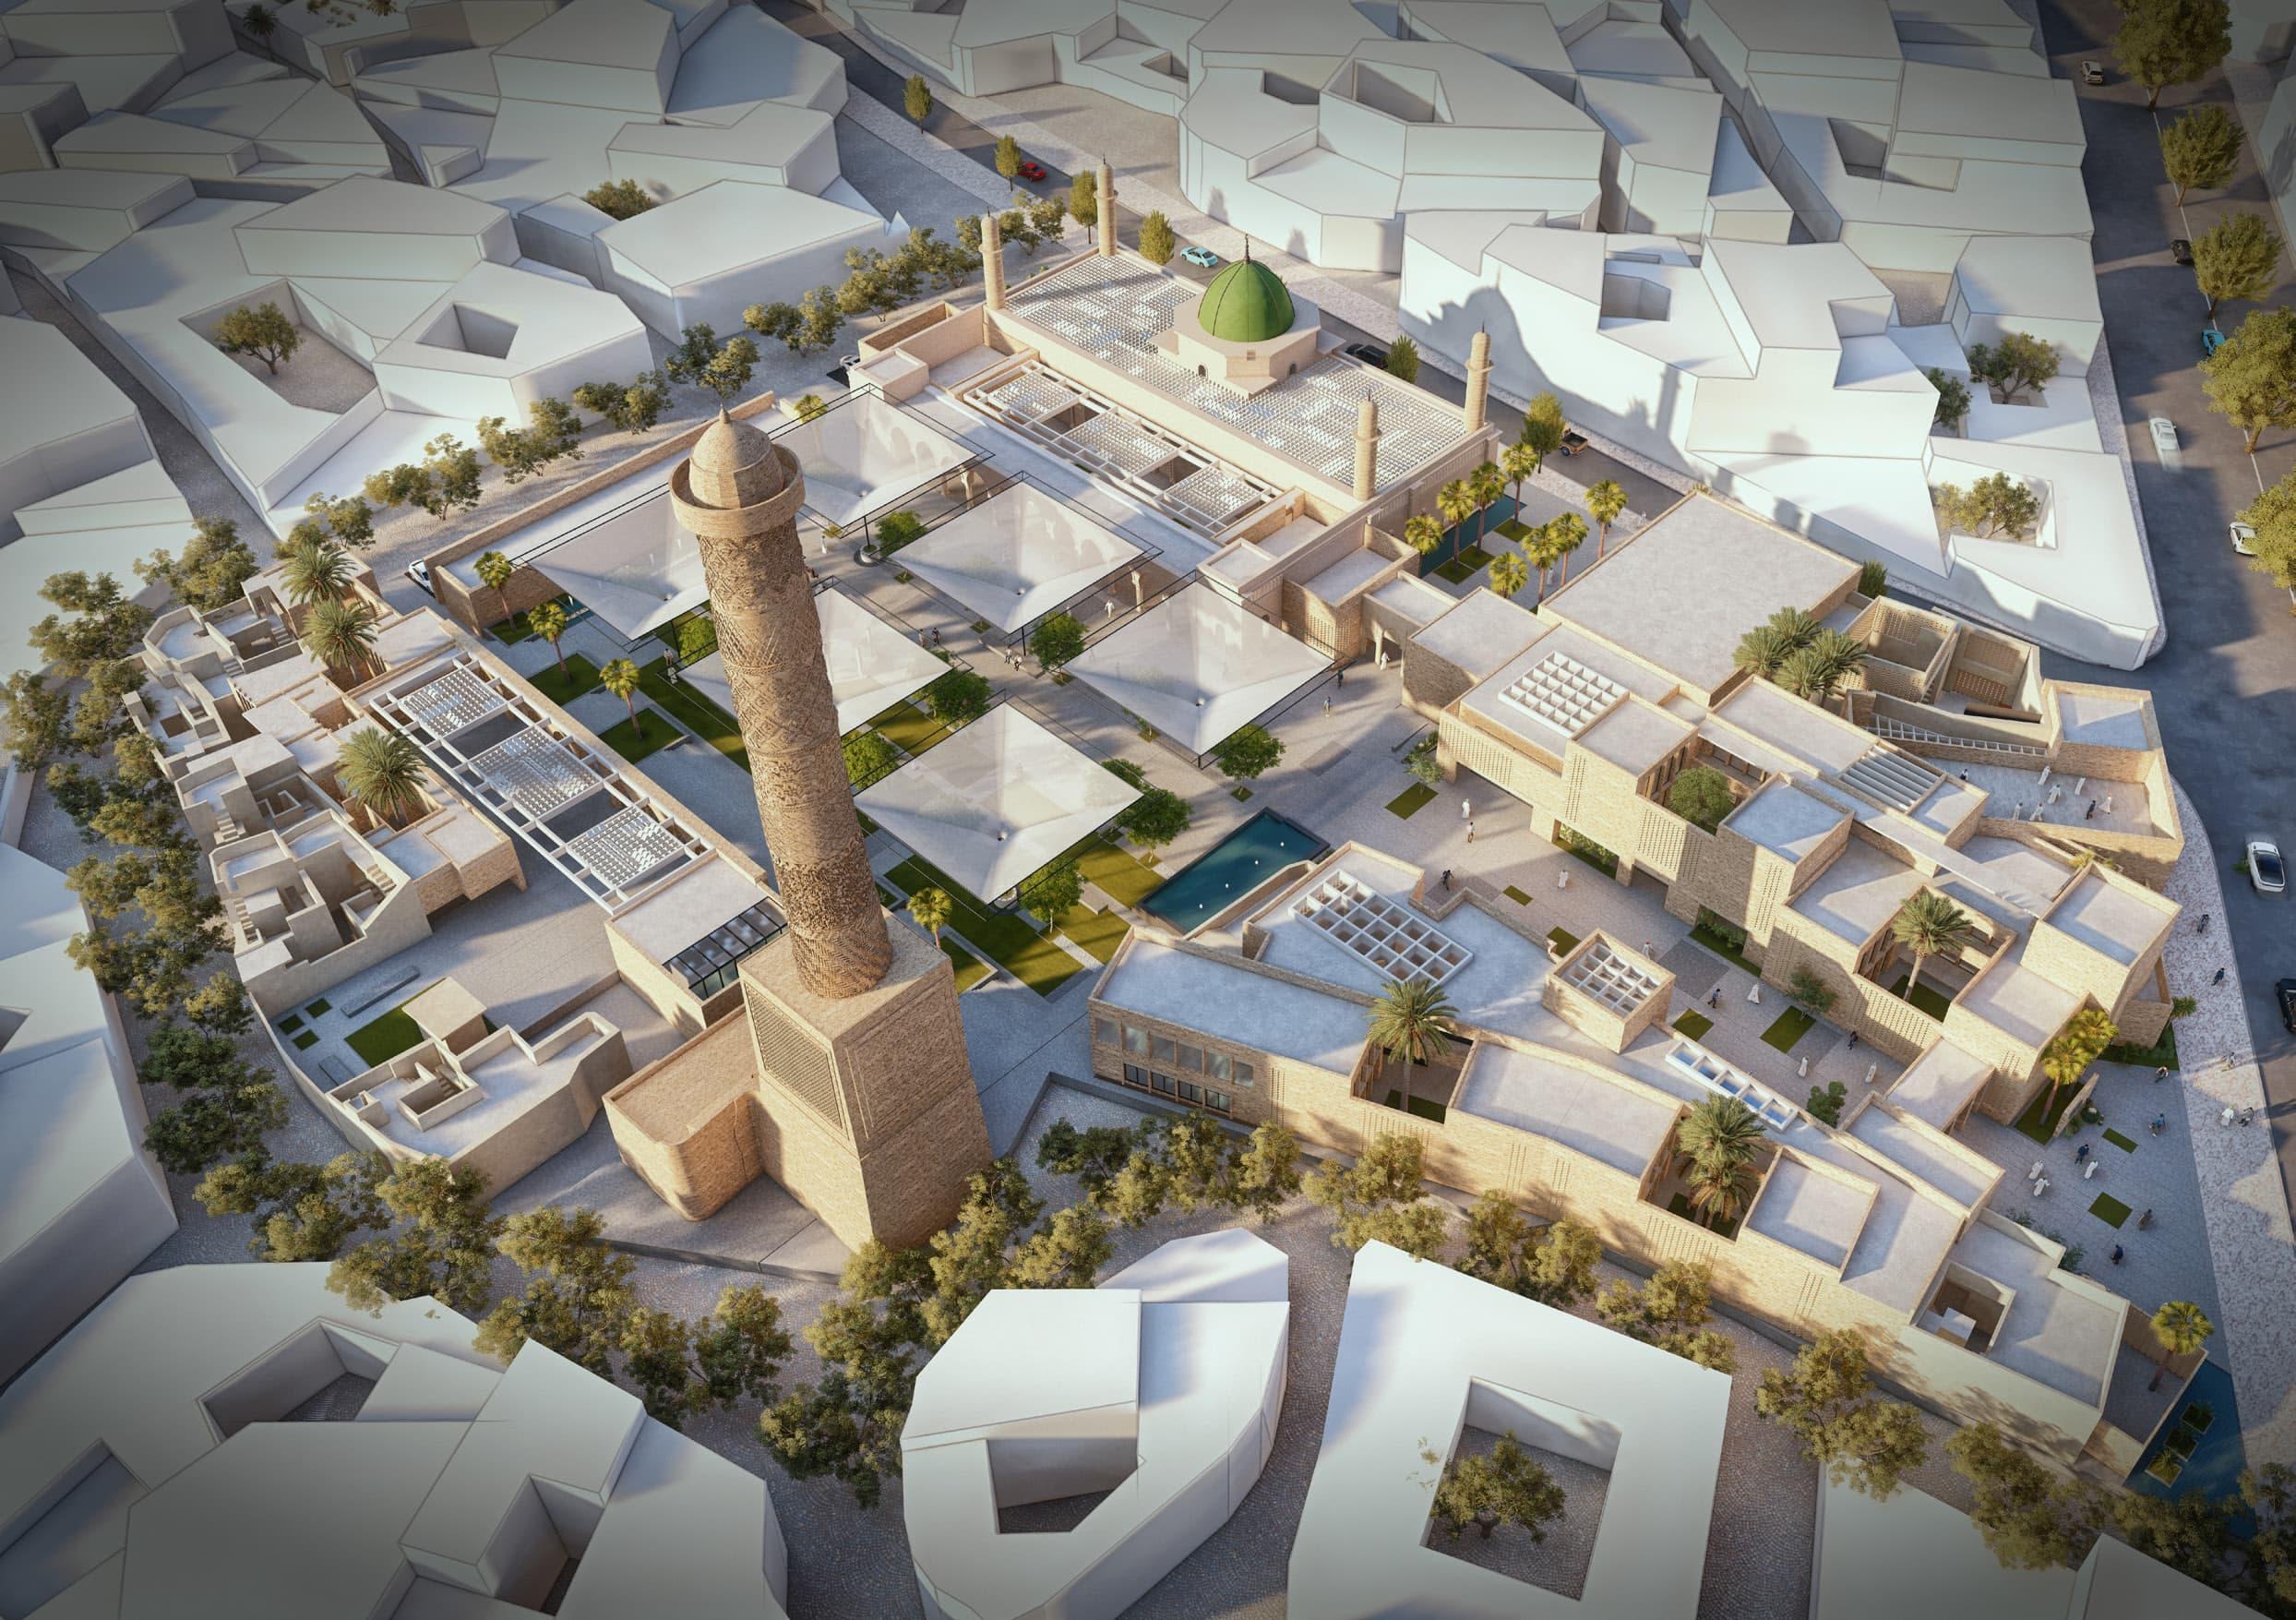 al-nurin uusi moskeija, mosul, irak, unesco arkkitehtikilpailu, voittaja: Salah El Din Samir Hareed & team